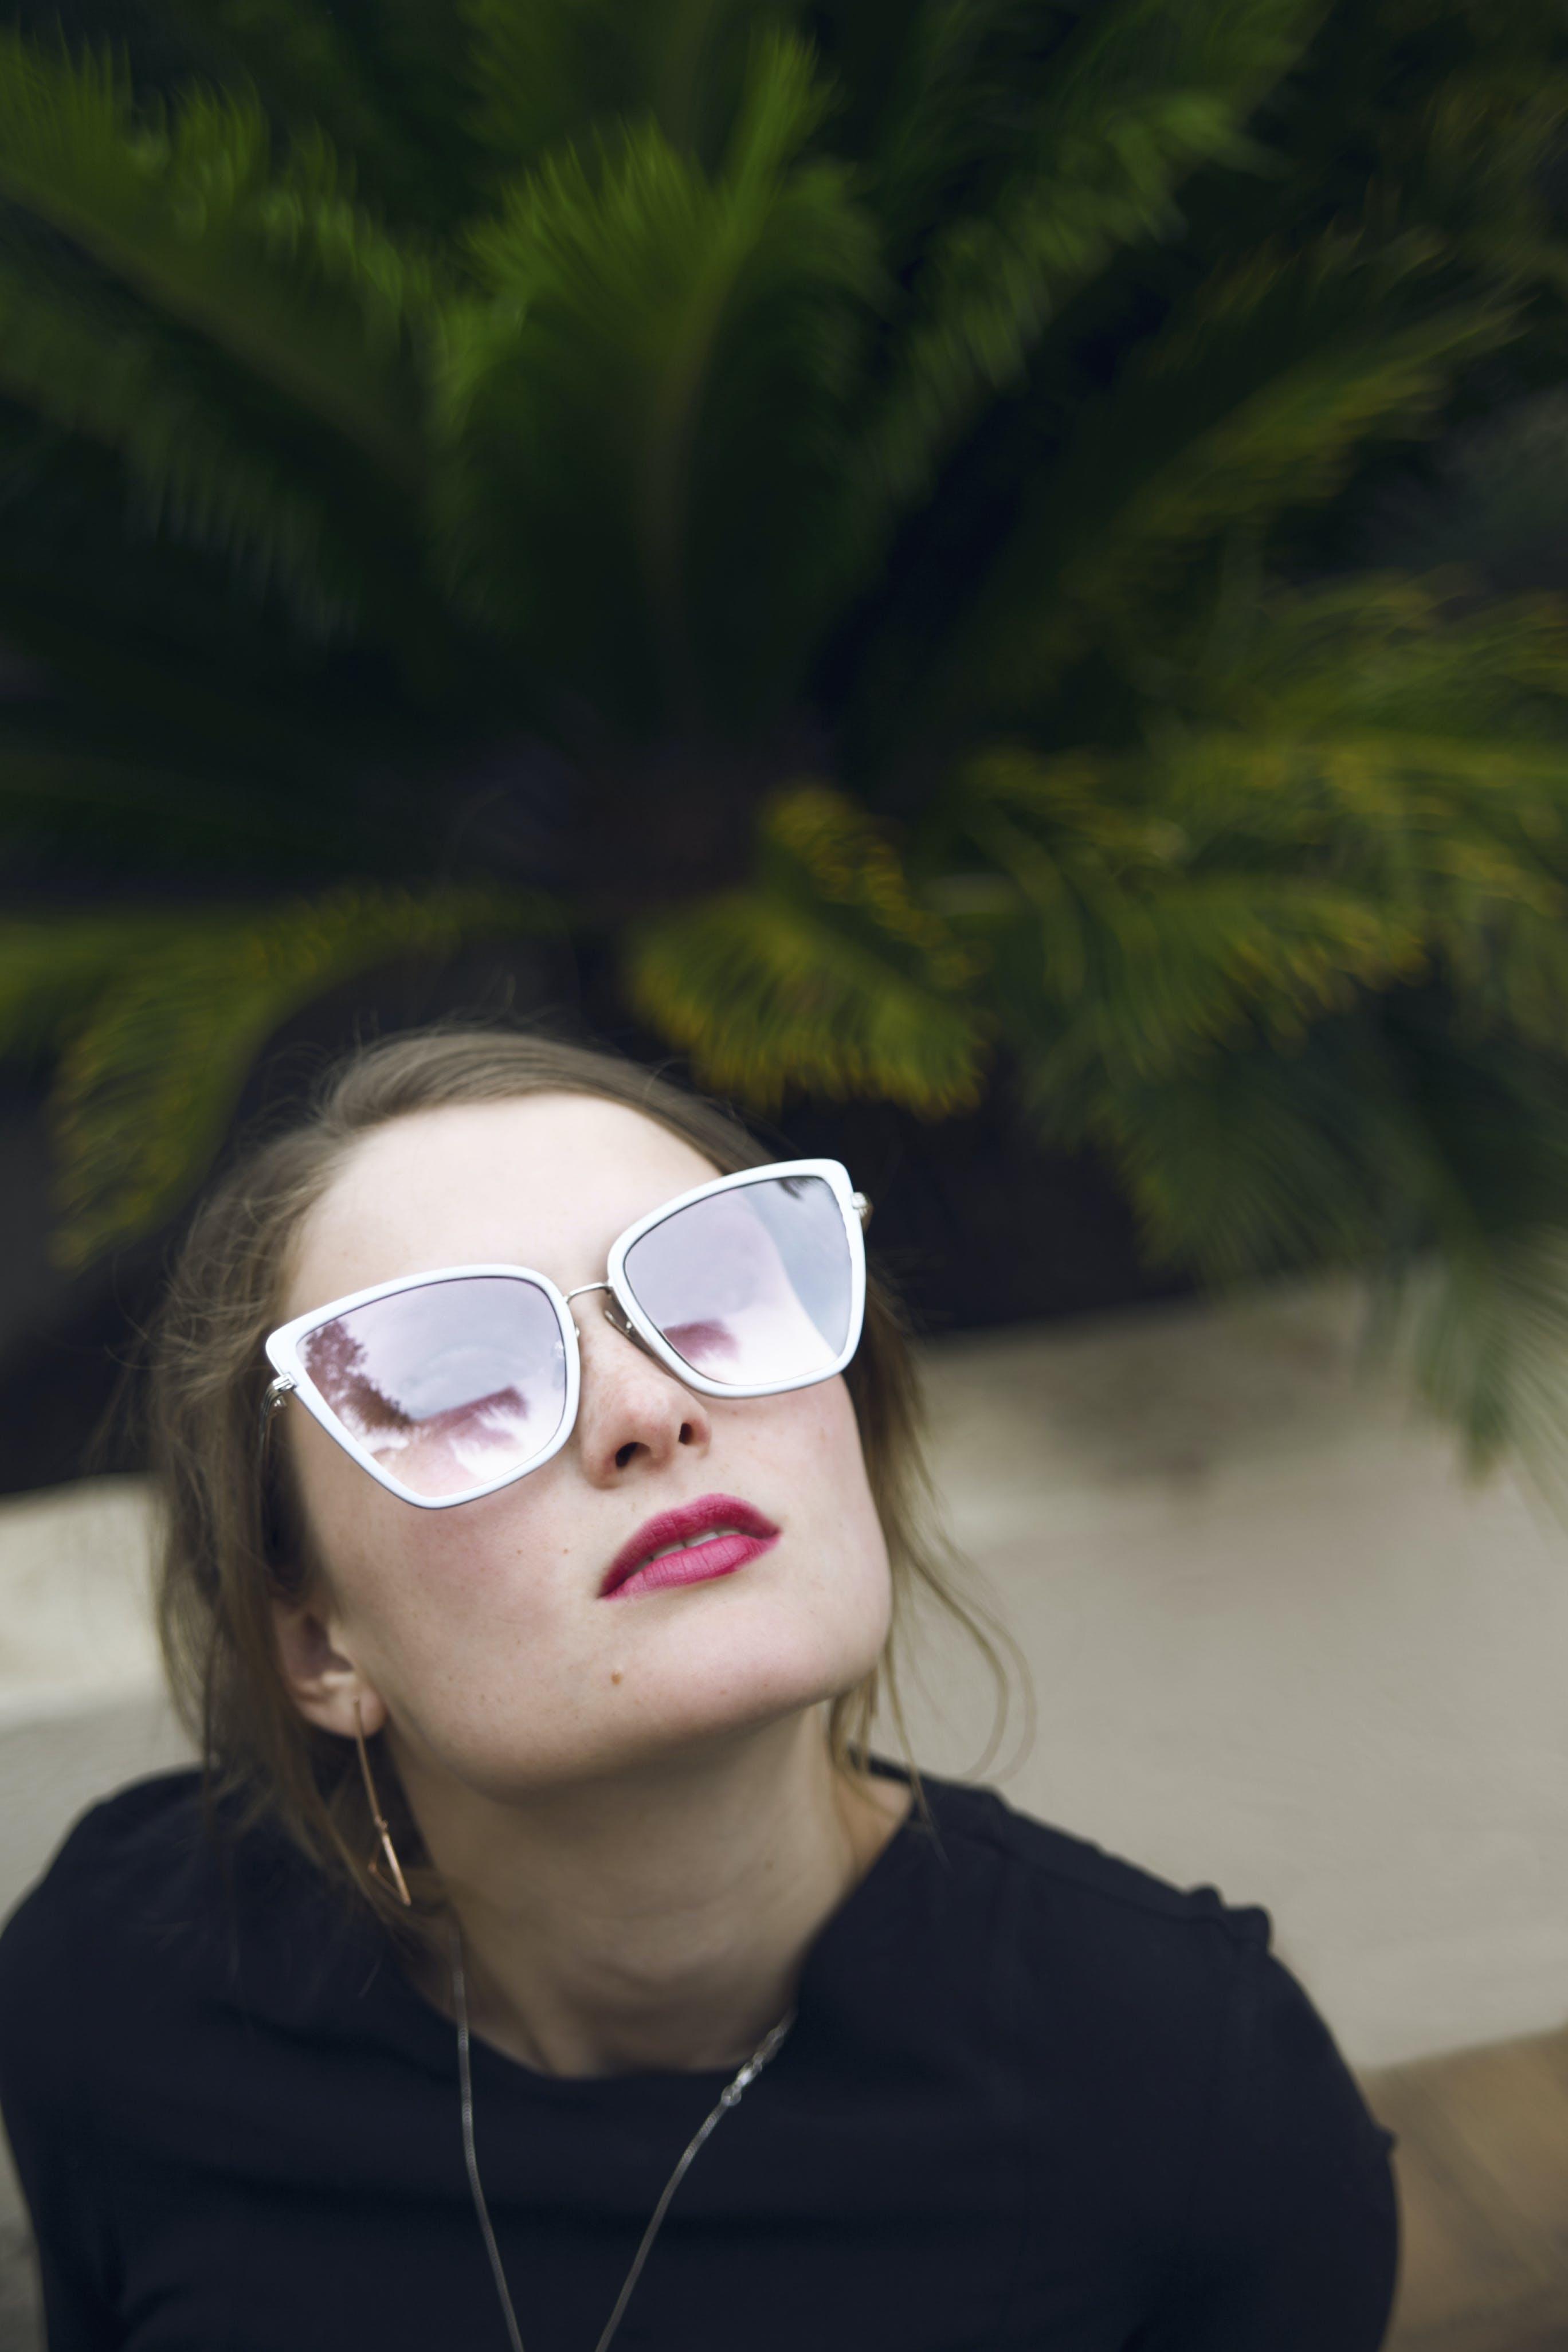 Gratis lagerfoto af afslapning, close-up, fokus, fotomodel